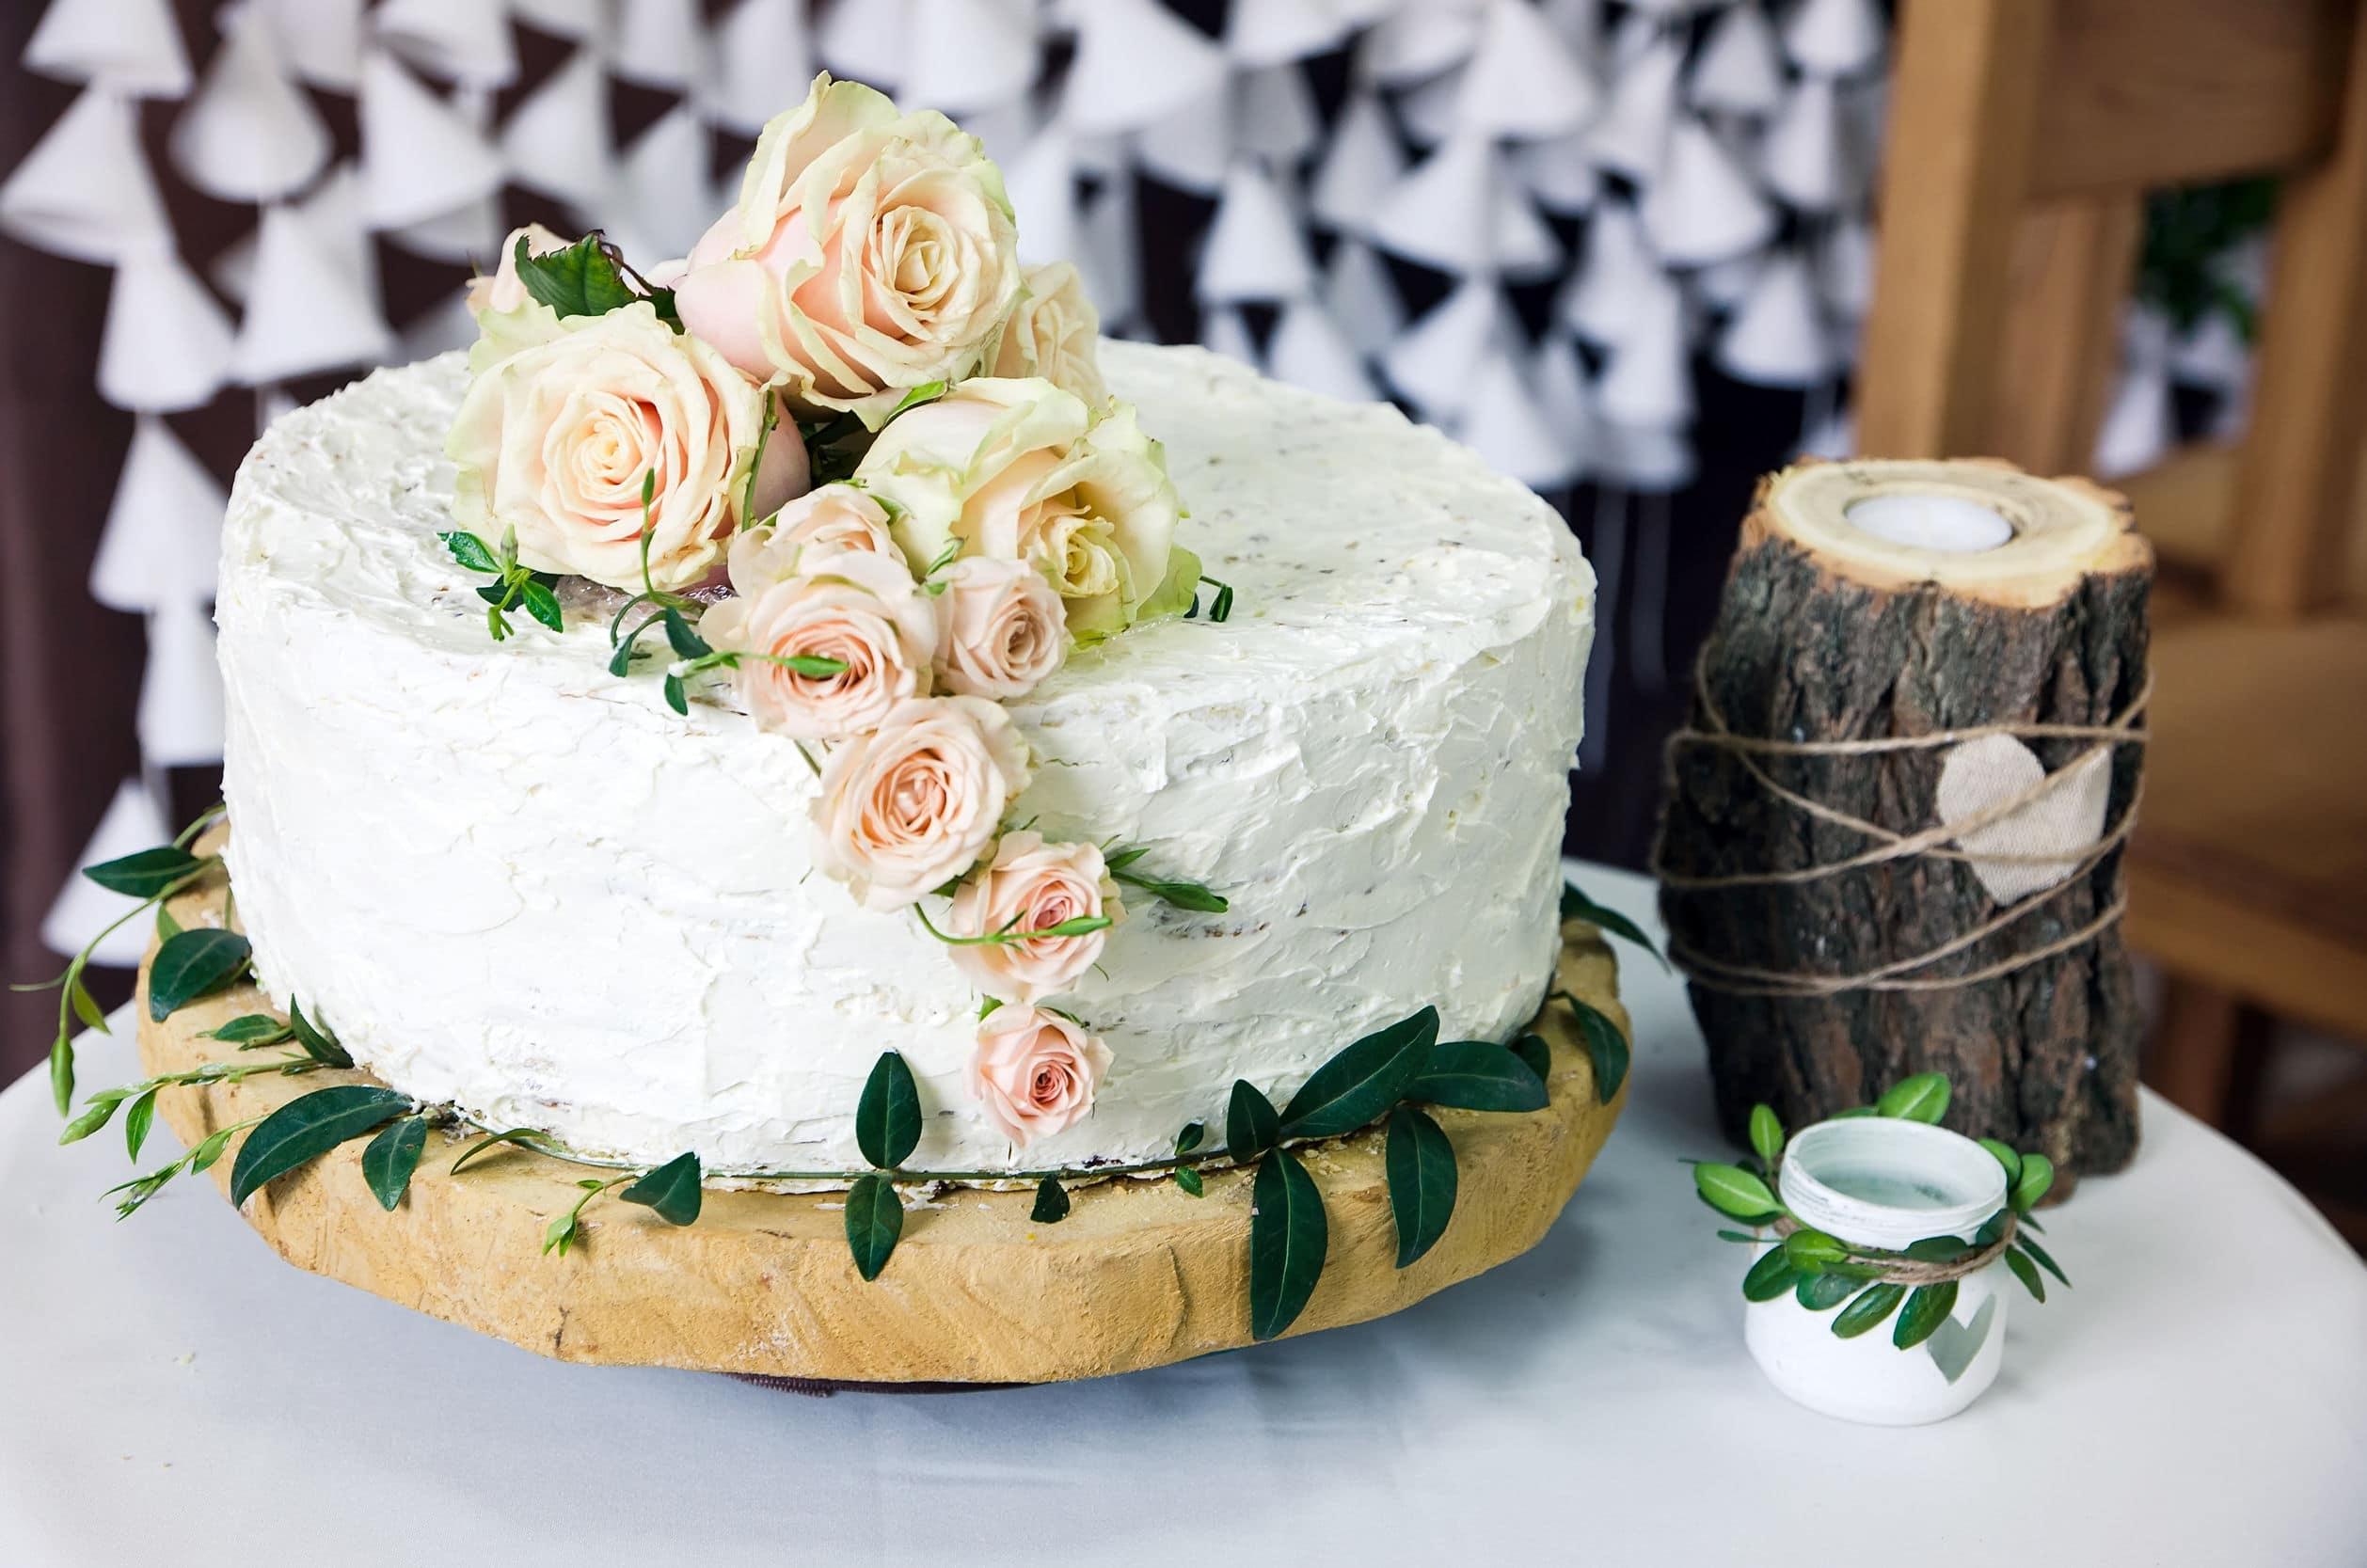 décoration du gâteau de mariage : du blanc et des roses